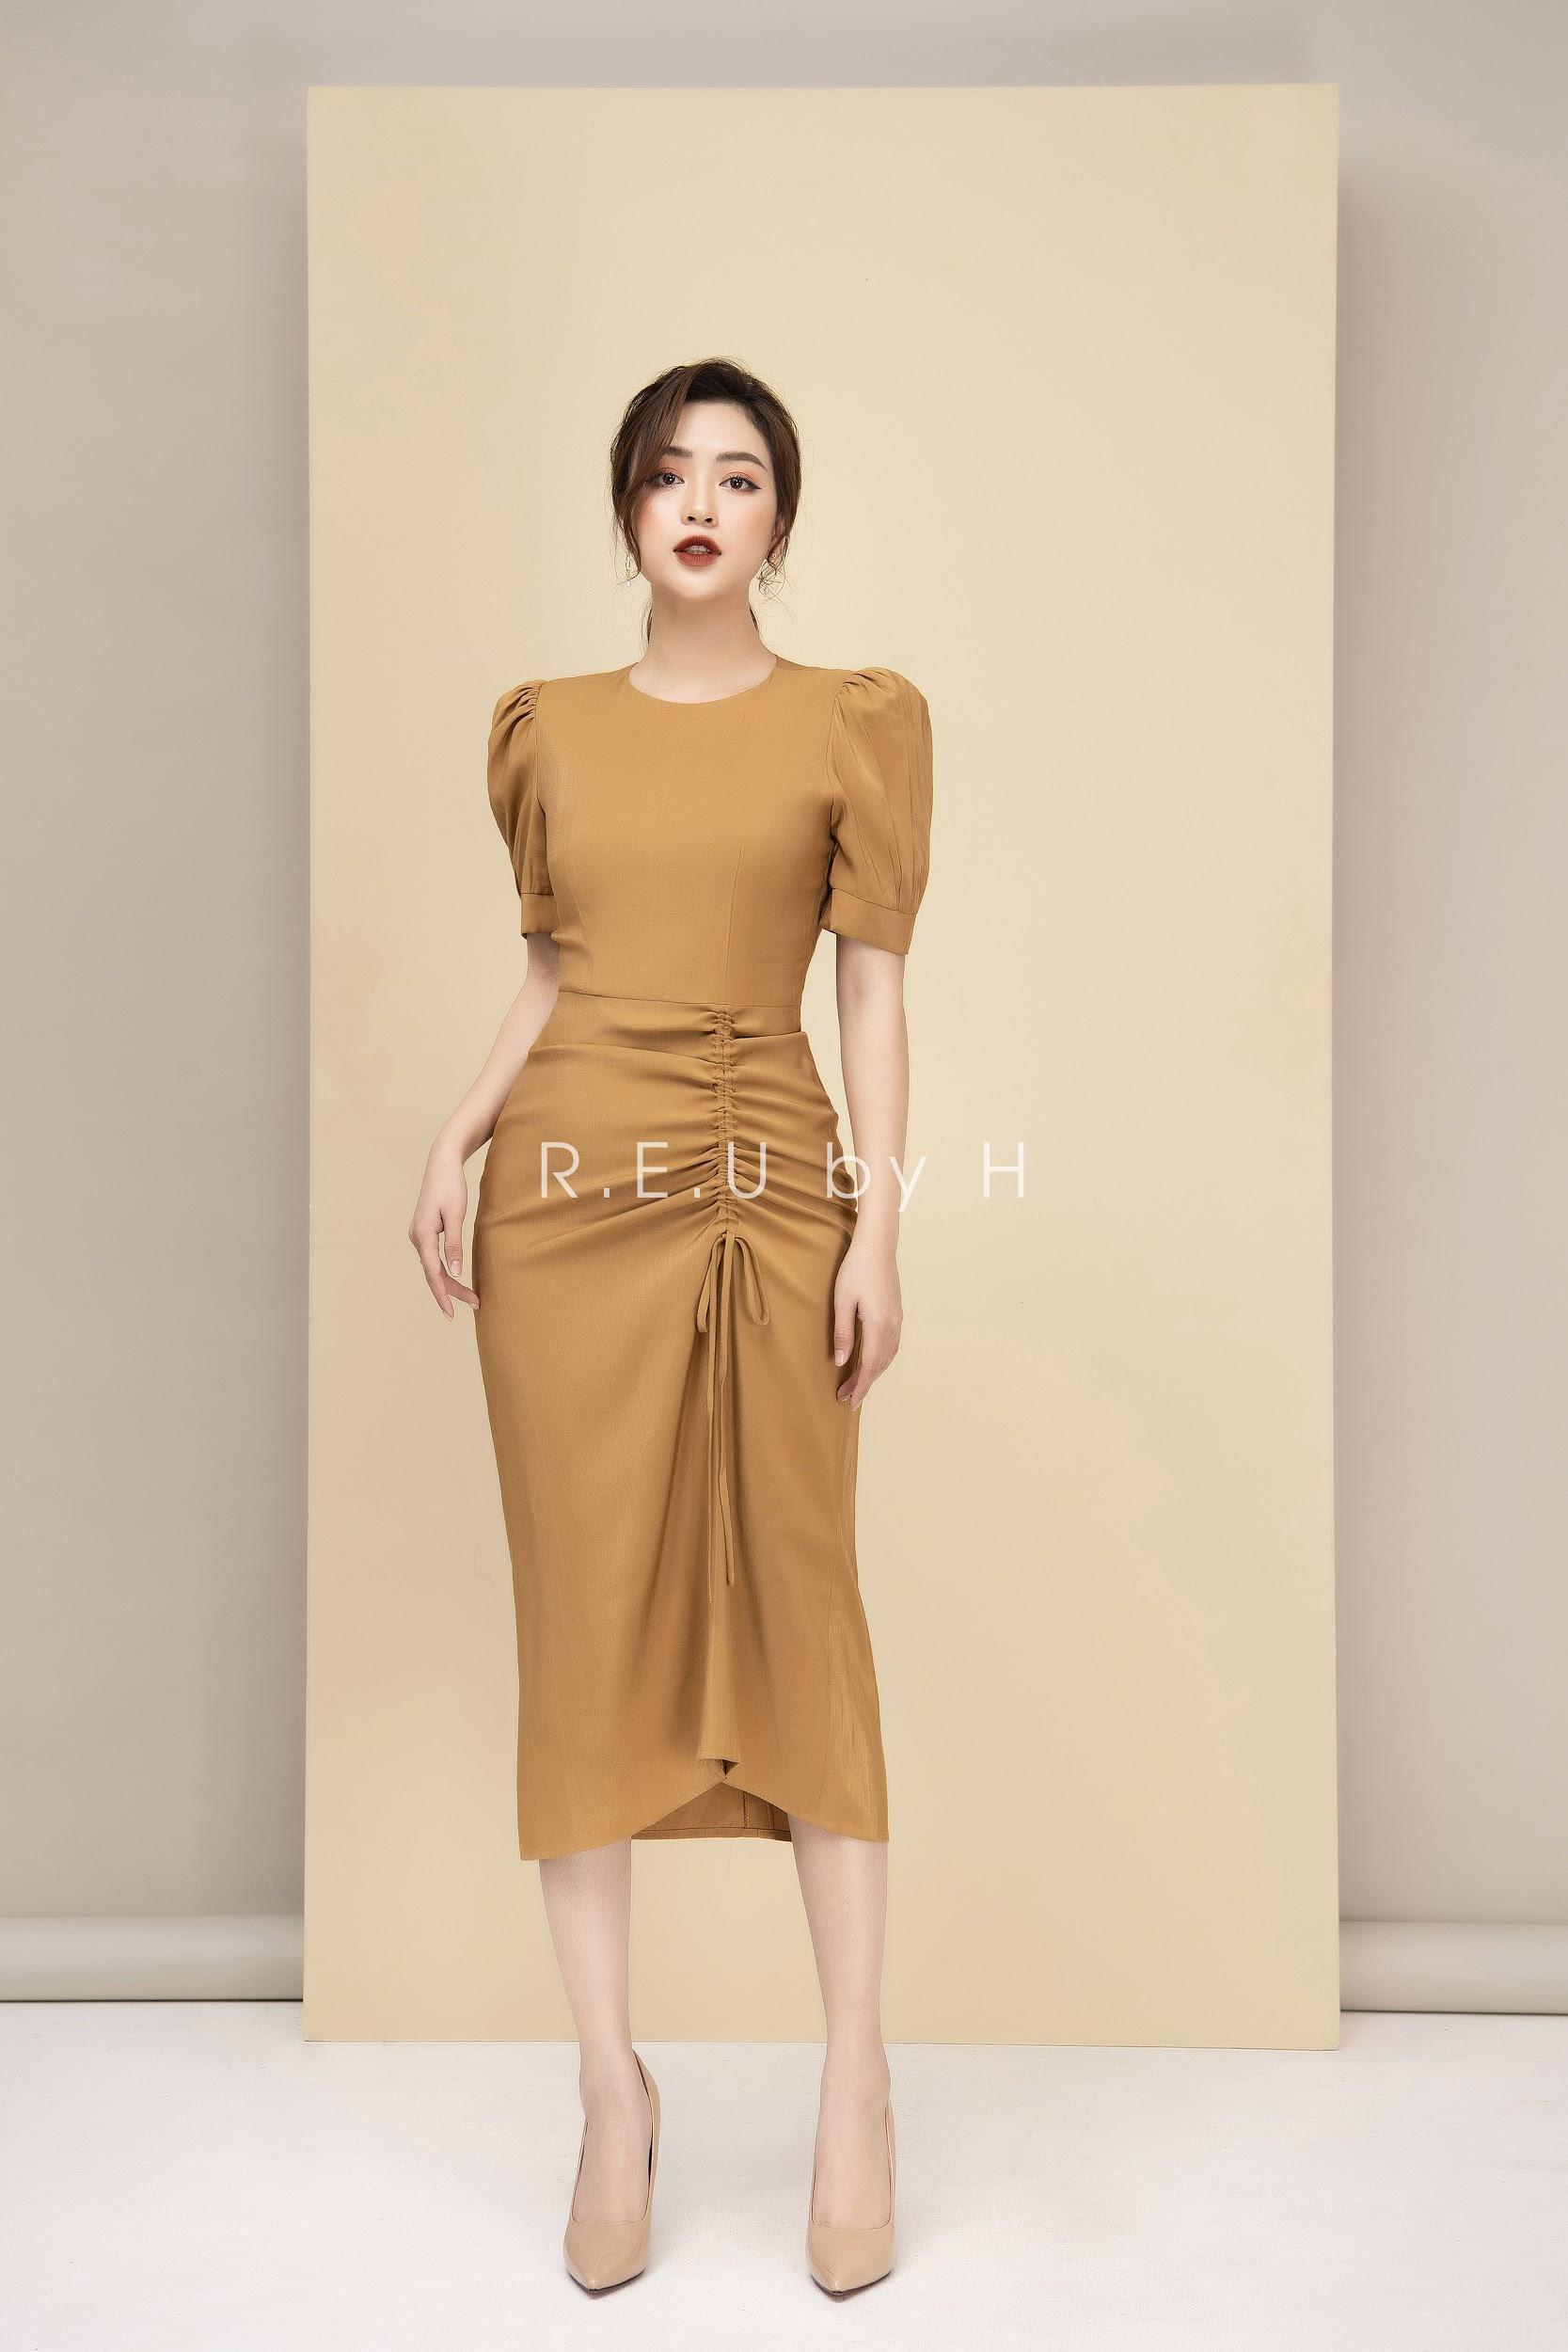 """REU Dress: đồ công sở không chỉ dừng lại ở """"formal, """"style & trend đang là xu hướng hiện nay - Ảnh 1."""